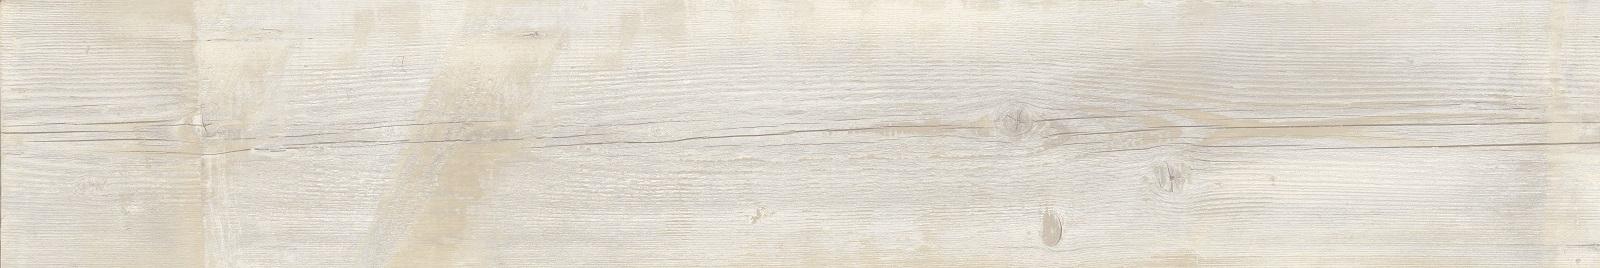 Плитка Legno Bianco (zzxlv1r) изображение 4